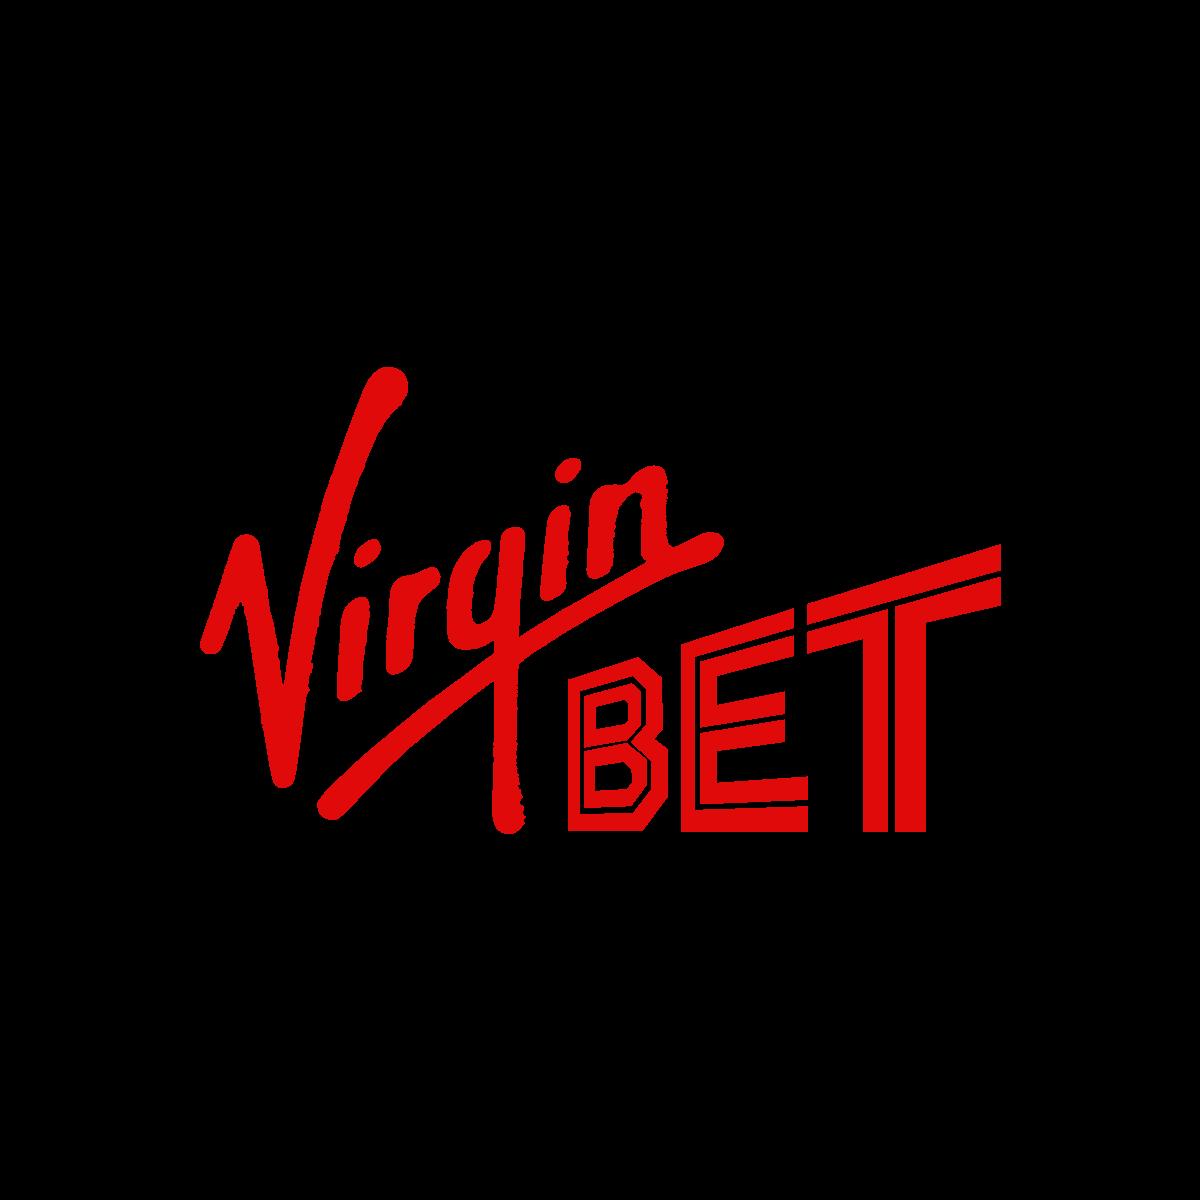 Virgin Bet | Online sports betting | Virgin